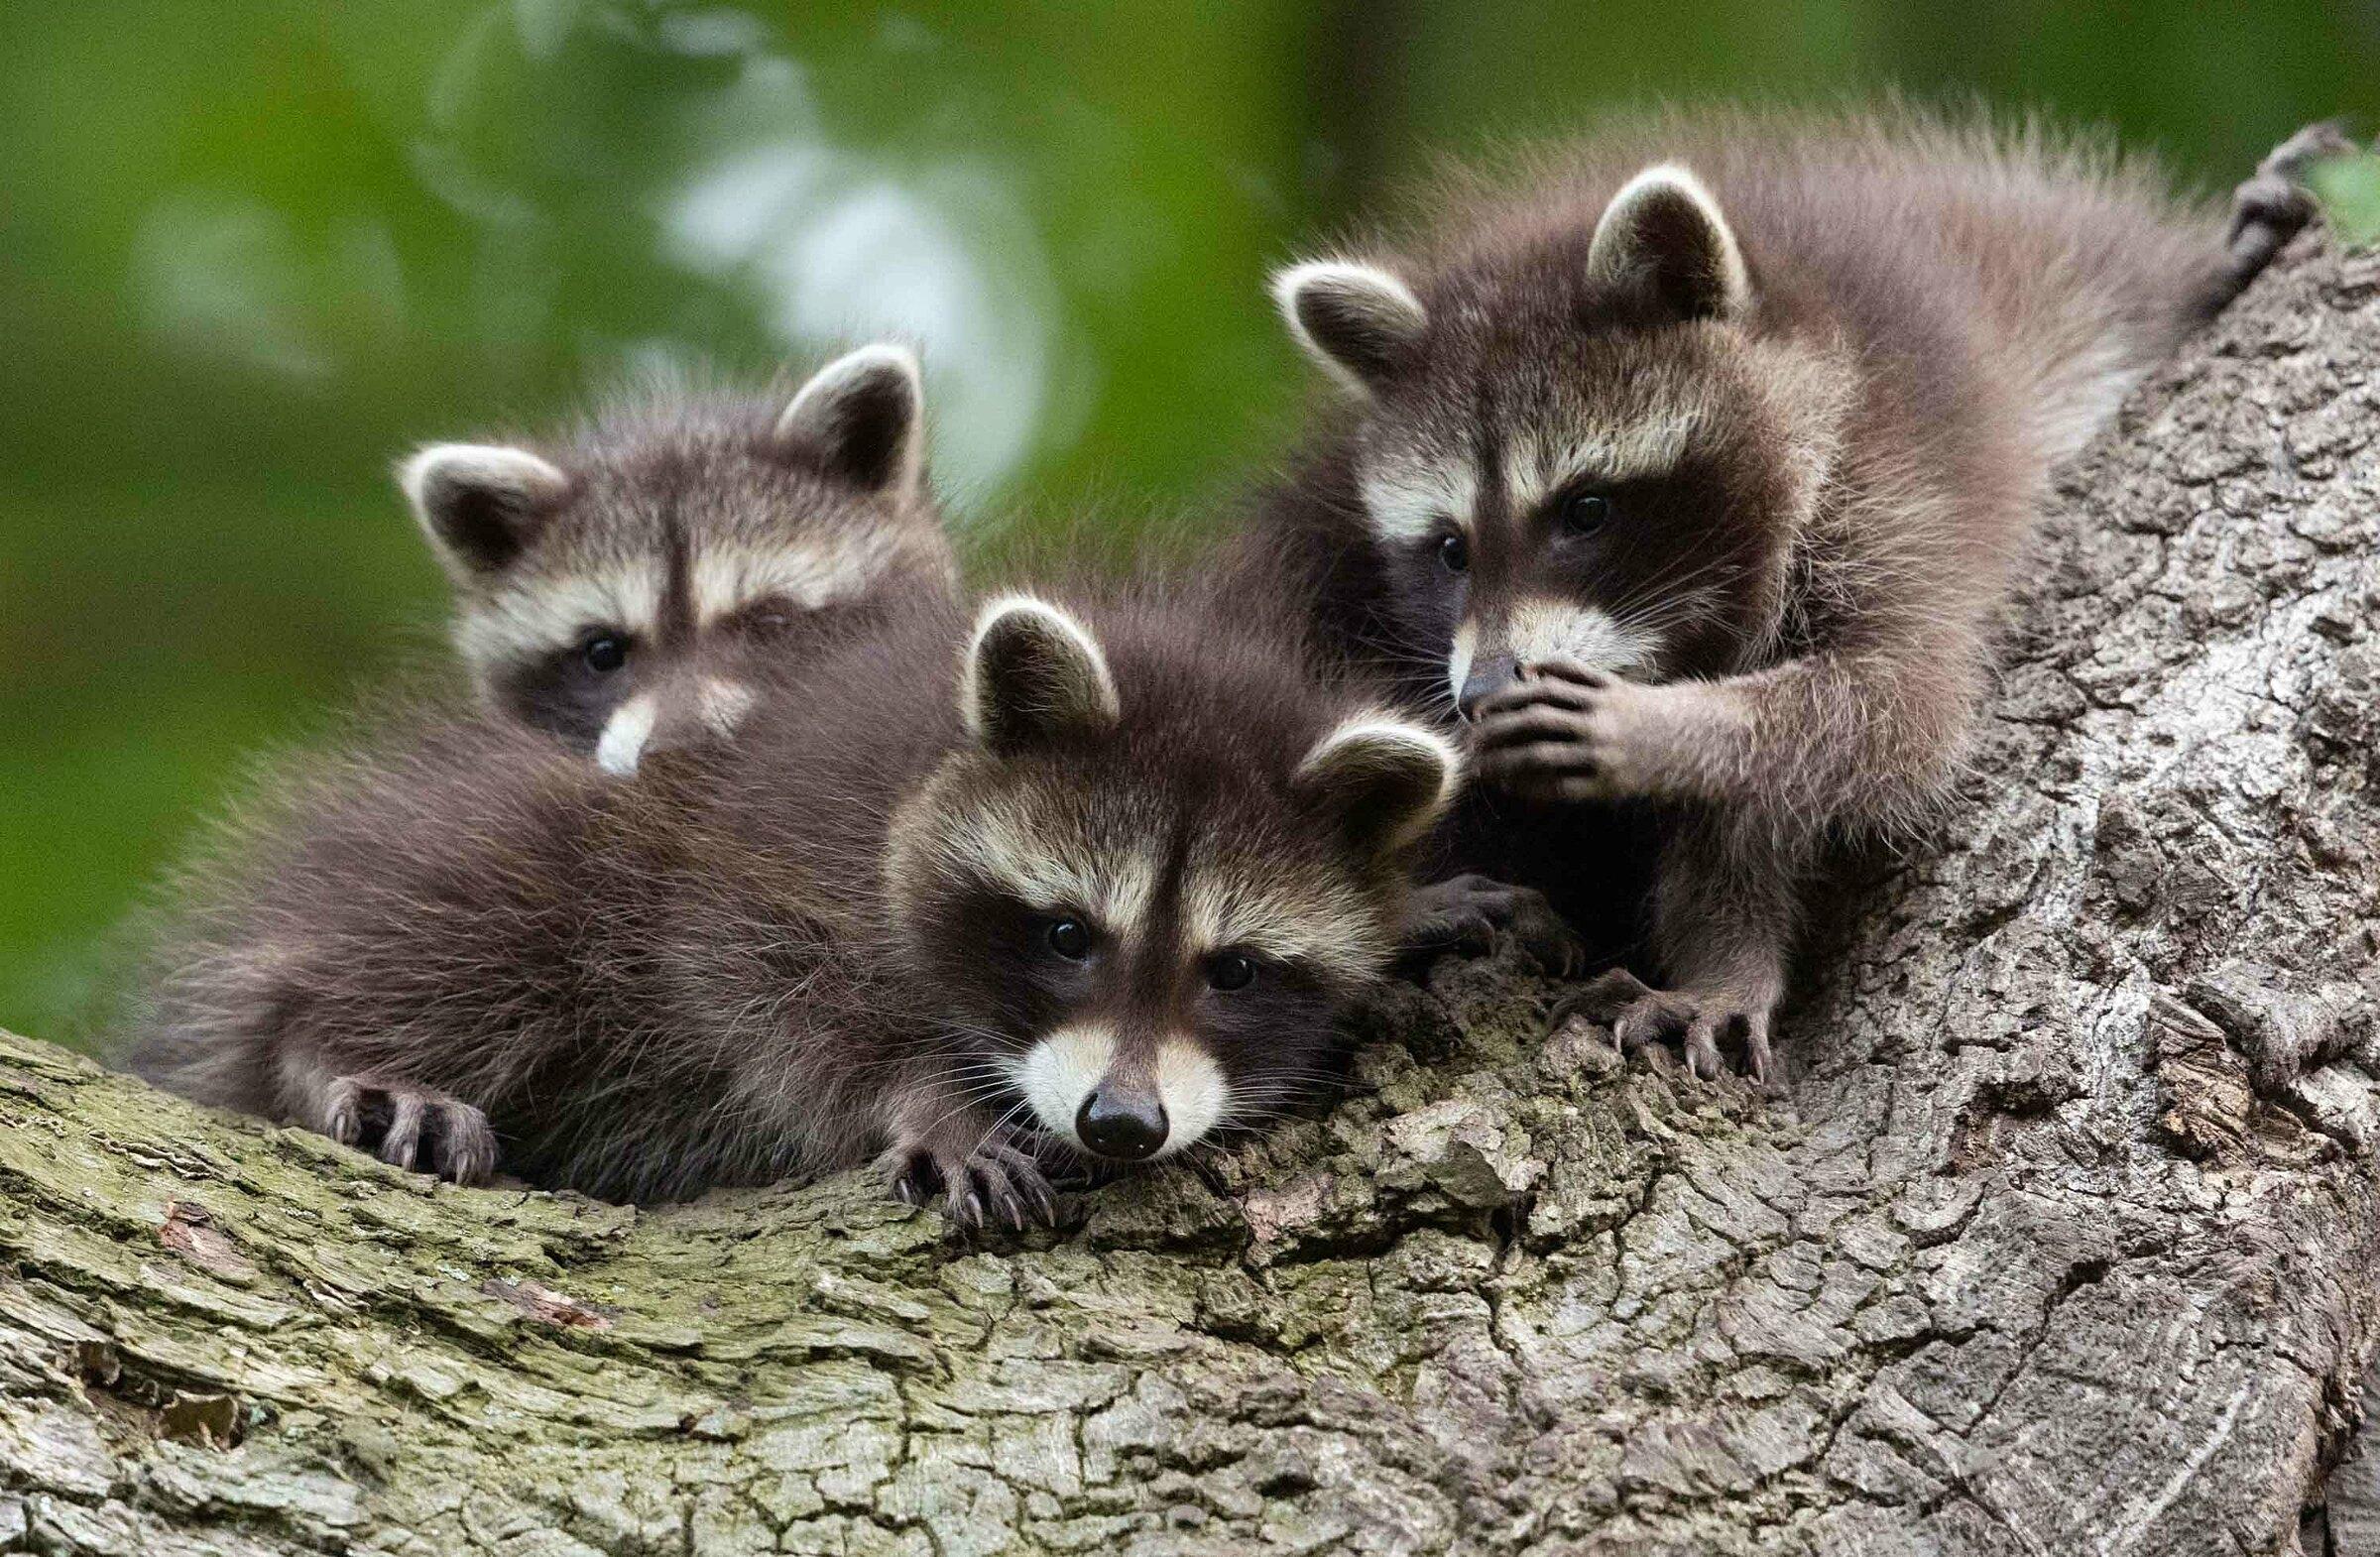 Những khoảnh khắc cười không đỡ nổi của hội động vật hoang dã  - 5